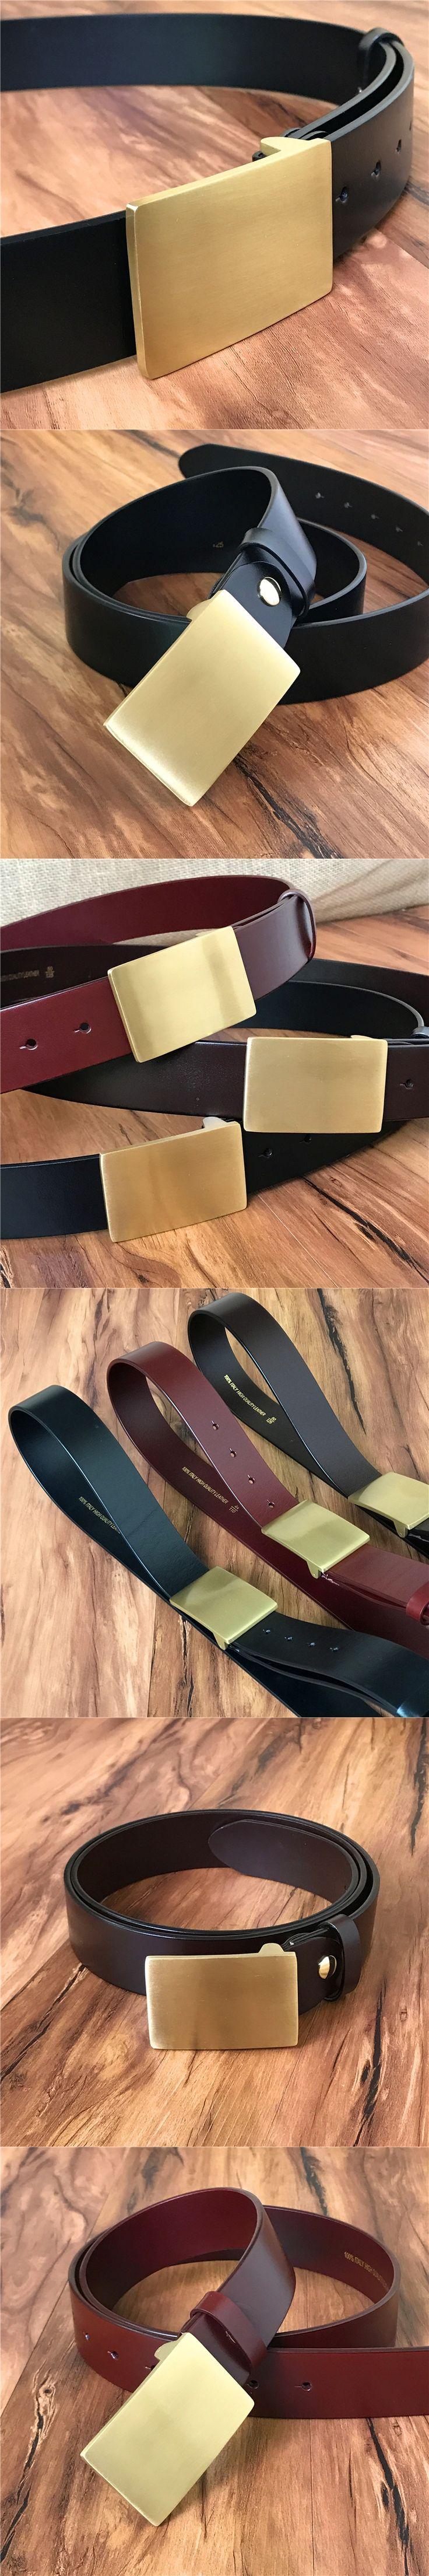 Genuine Leather Solid Brass Belt Buckle Men Belt Ceinture Homme Male Strap Cinturones Hombre Jeans Vintage Belt Wide MBT0315